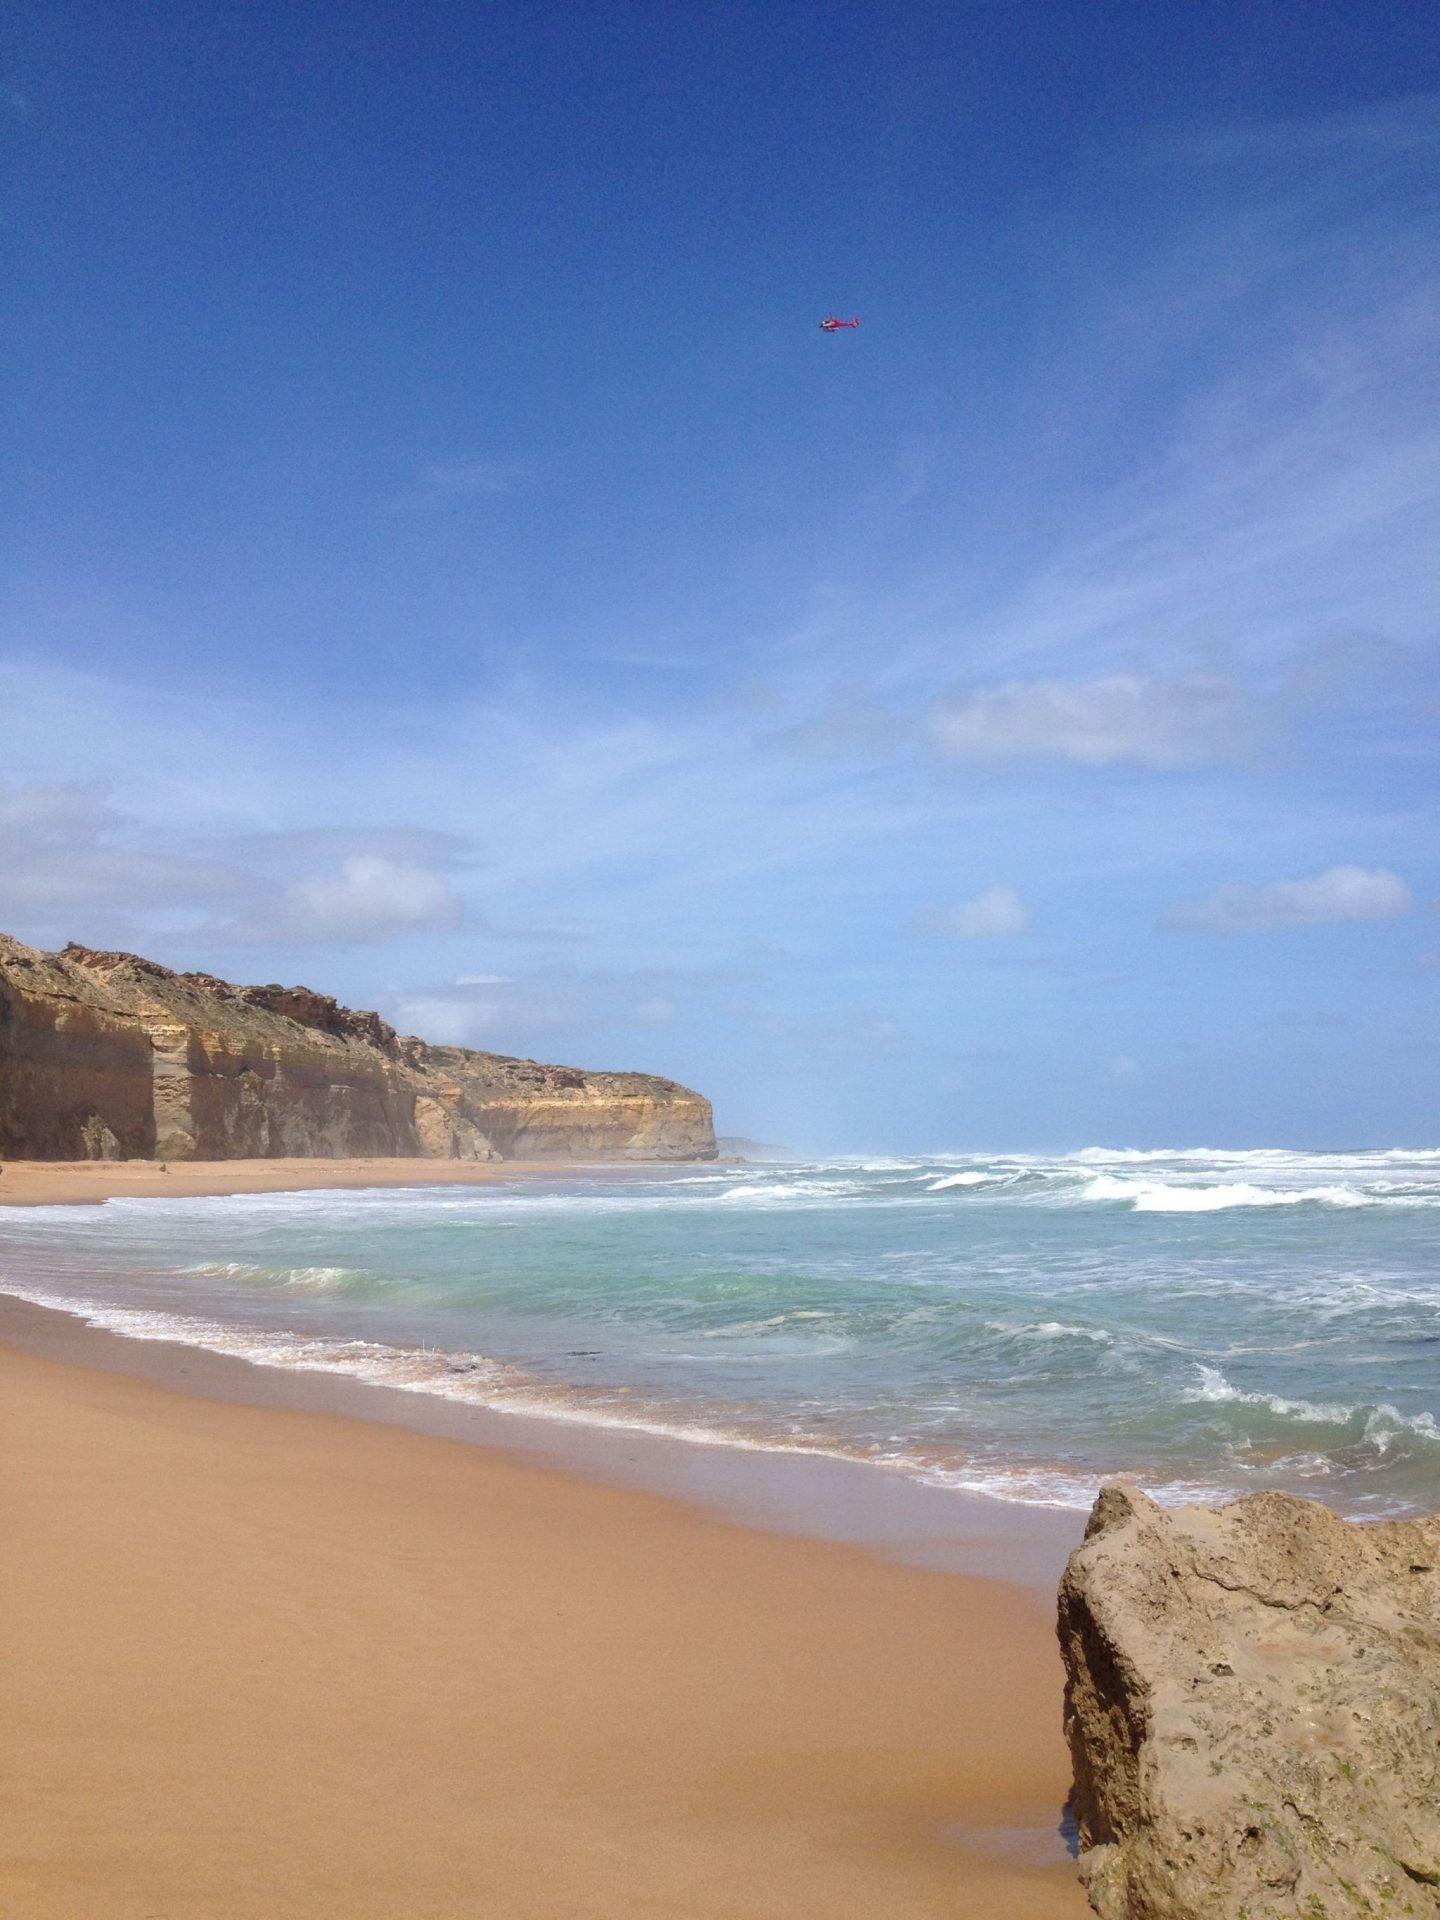 Beautiful Great Ocean Road beach